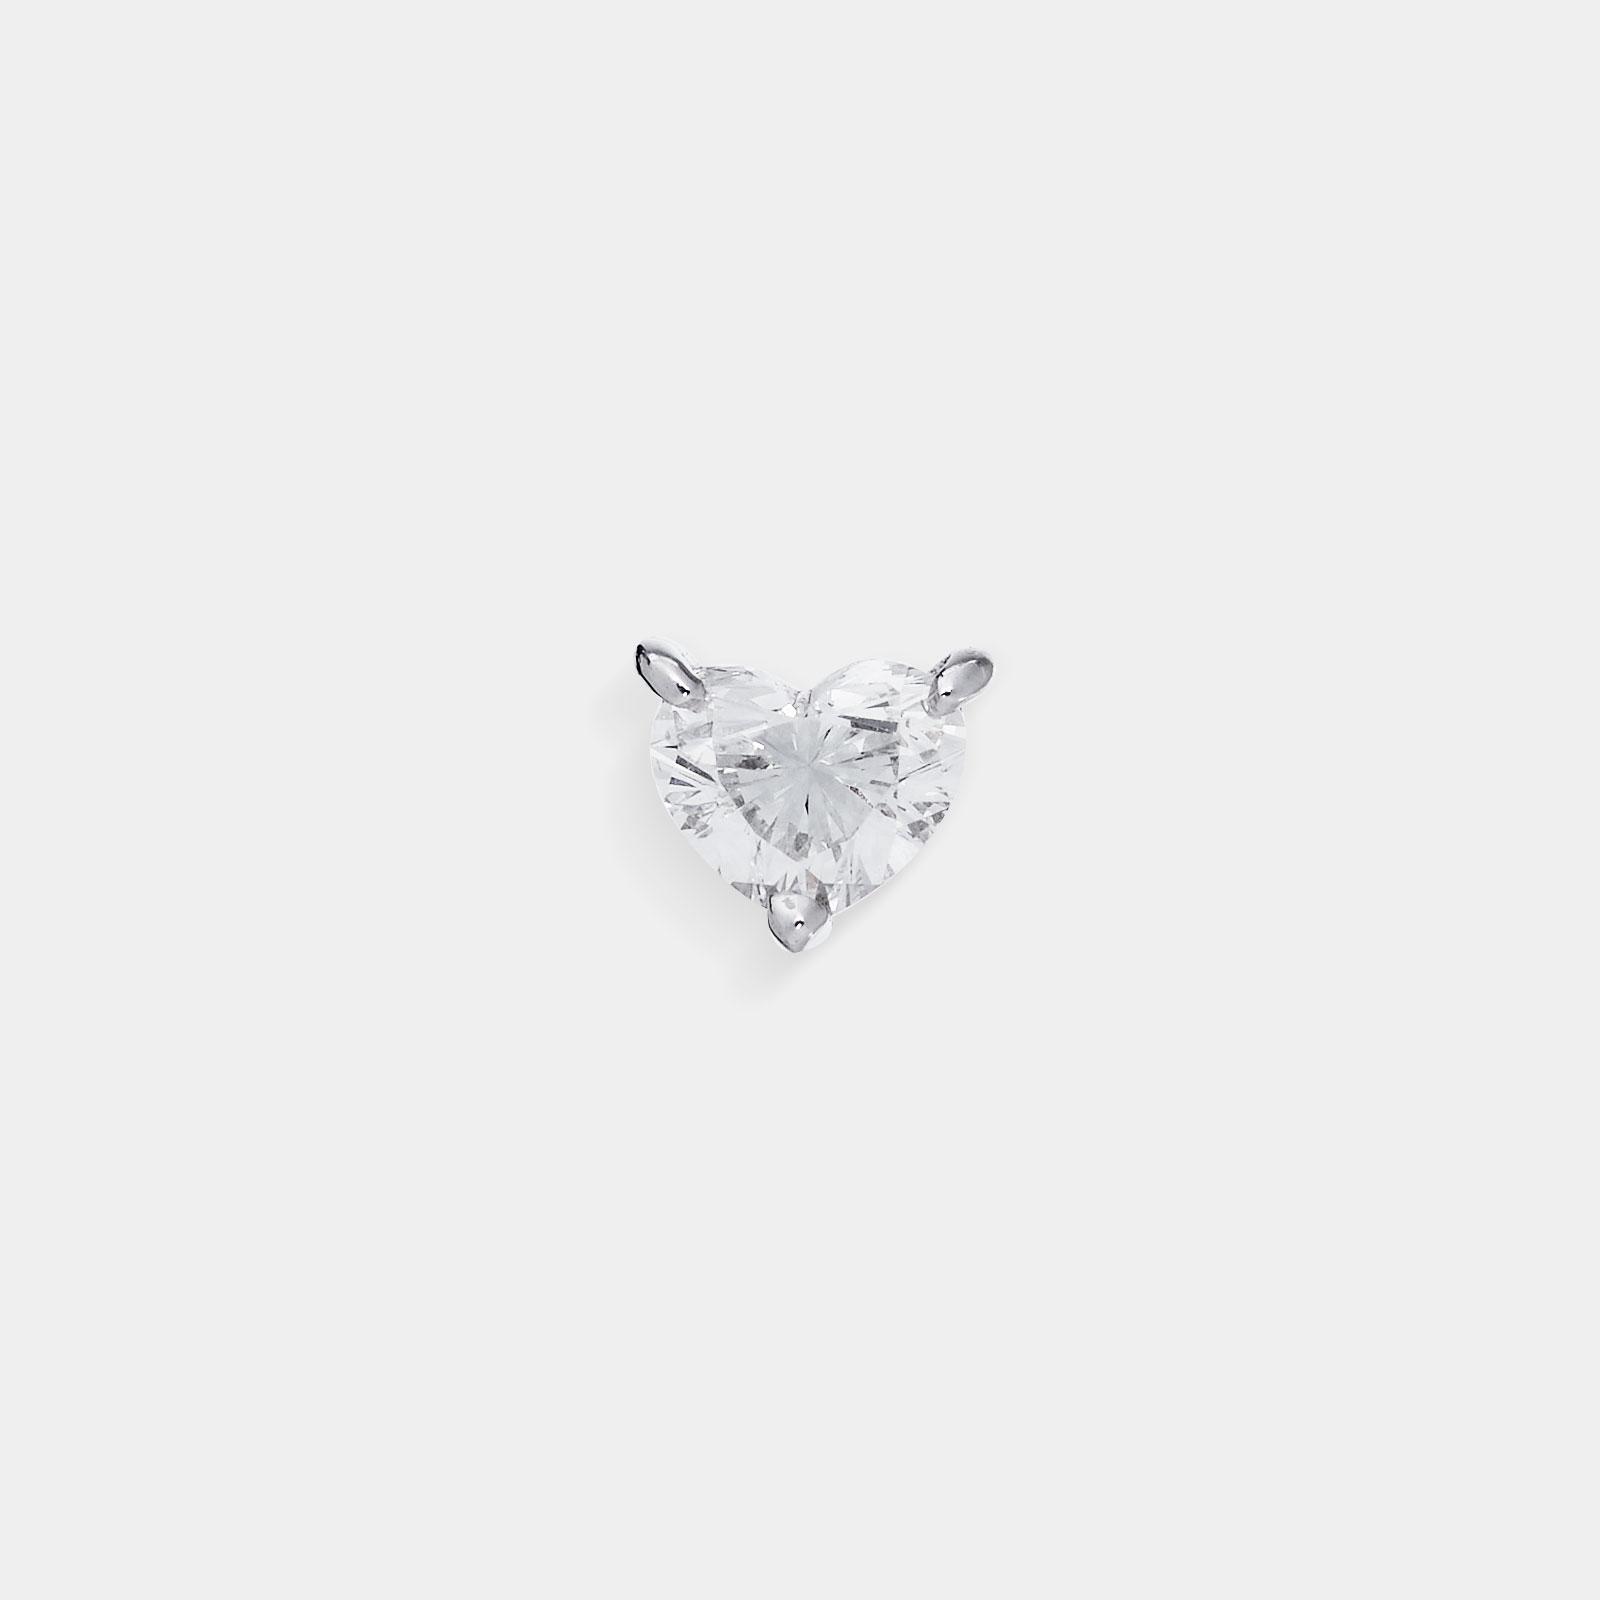 Mono Orecchino in oro bianco con solitario cuore in diamante - Rosanna Cattolico gioielli